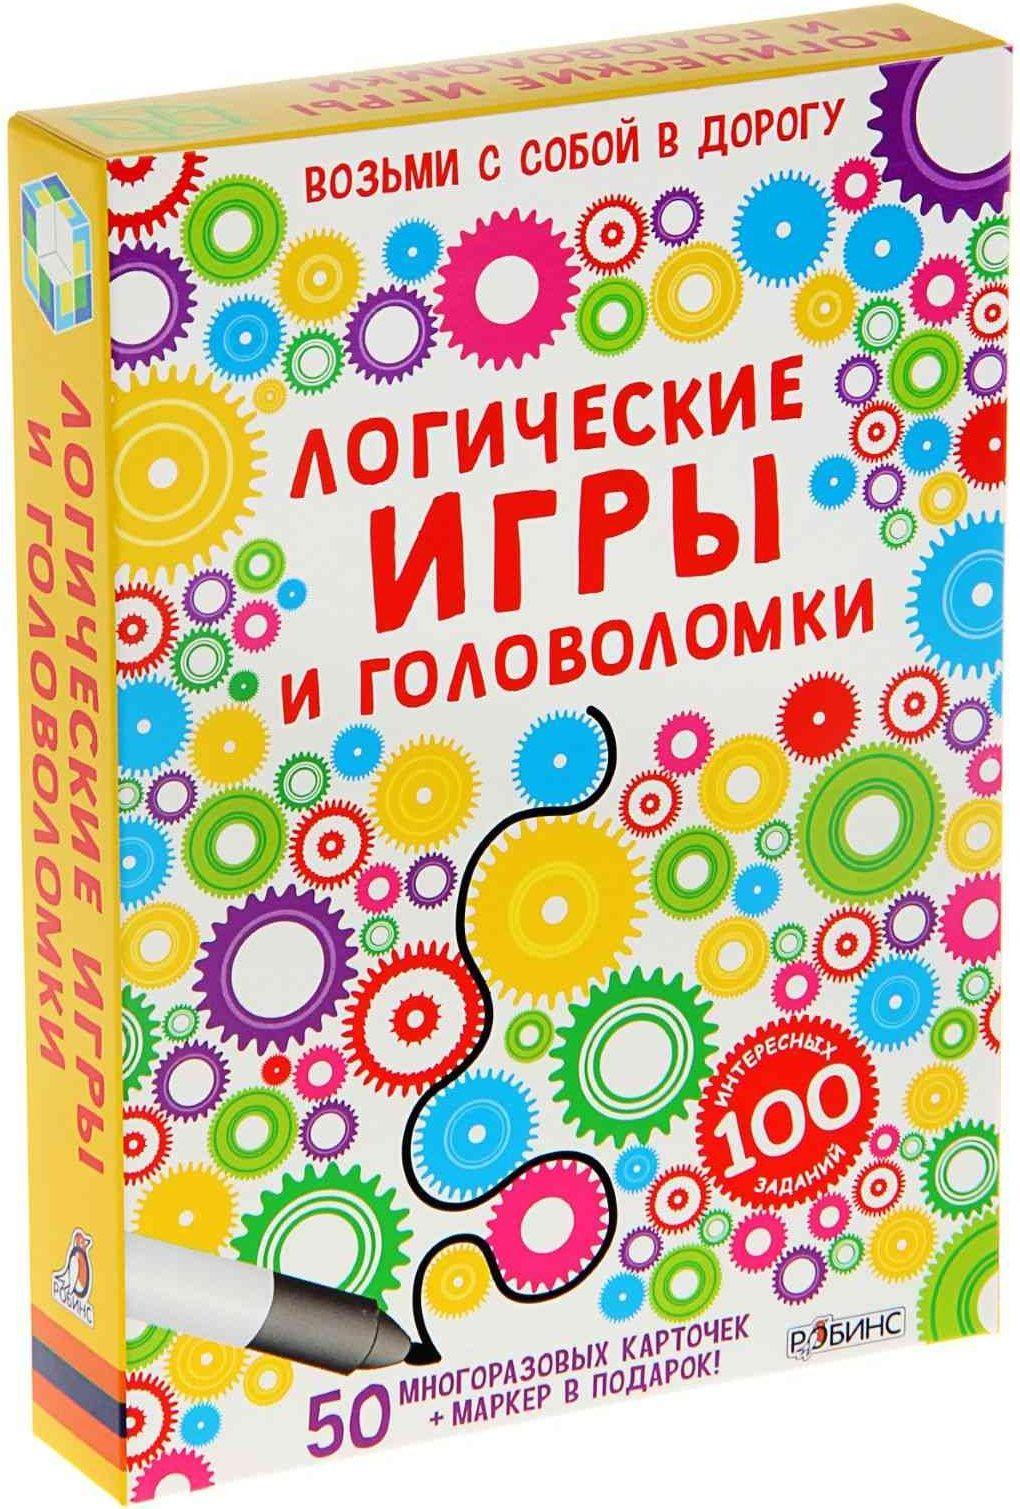 Купить Настольная игра Карточки. Логические игры и головоломки , Настольные игры для детей Робинс, Карточные